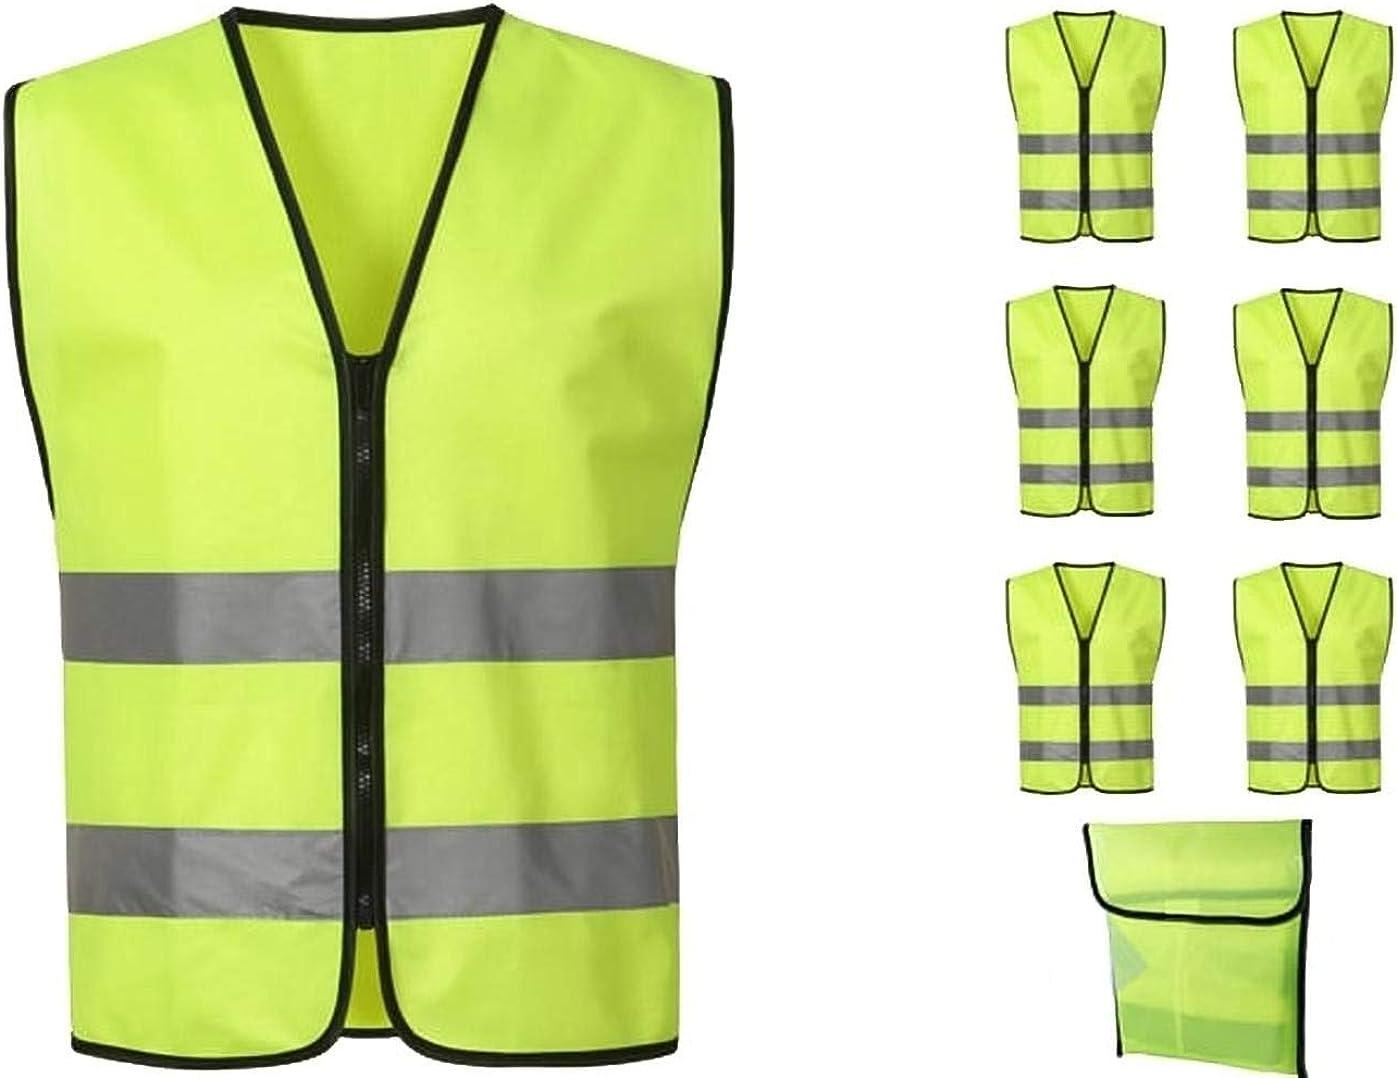 Gelb verdeckter Rei/ßverschluss M XXL // 2XL Safe Max/® Sicherheitsweste Warnweste Motorrad Fahrrad gelb Warnweste Motorrad Warnweste mit Rei/ßverschluss Dehnbare Elemente reflektierende Streifen